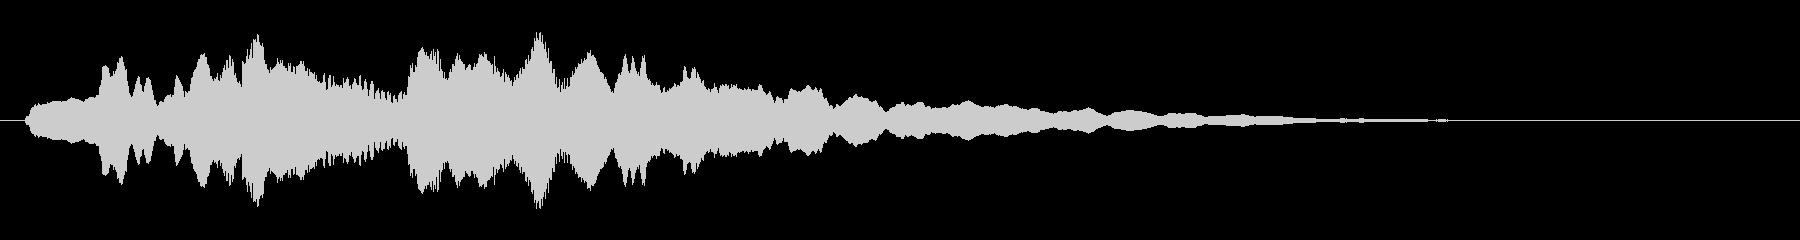 高音の爽やかなサウンドロゴの未再生の波形